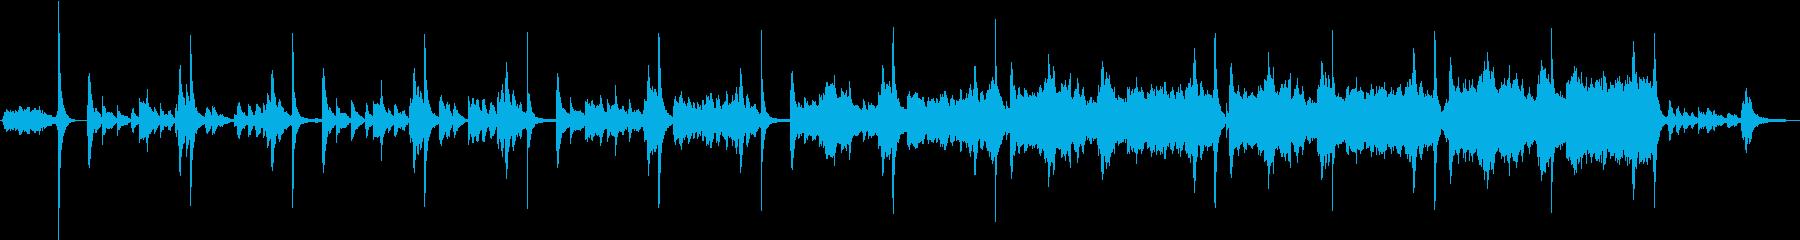 鈴の綺麗な音が響くノスタルジーな曲の再生済みの波形